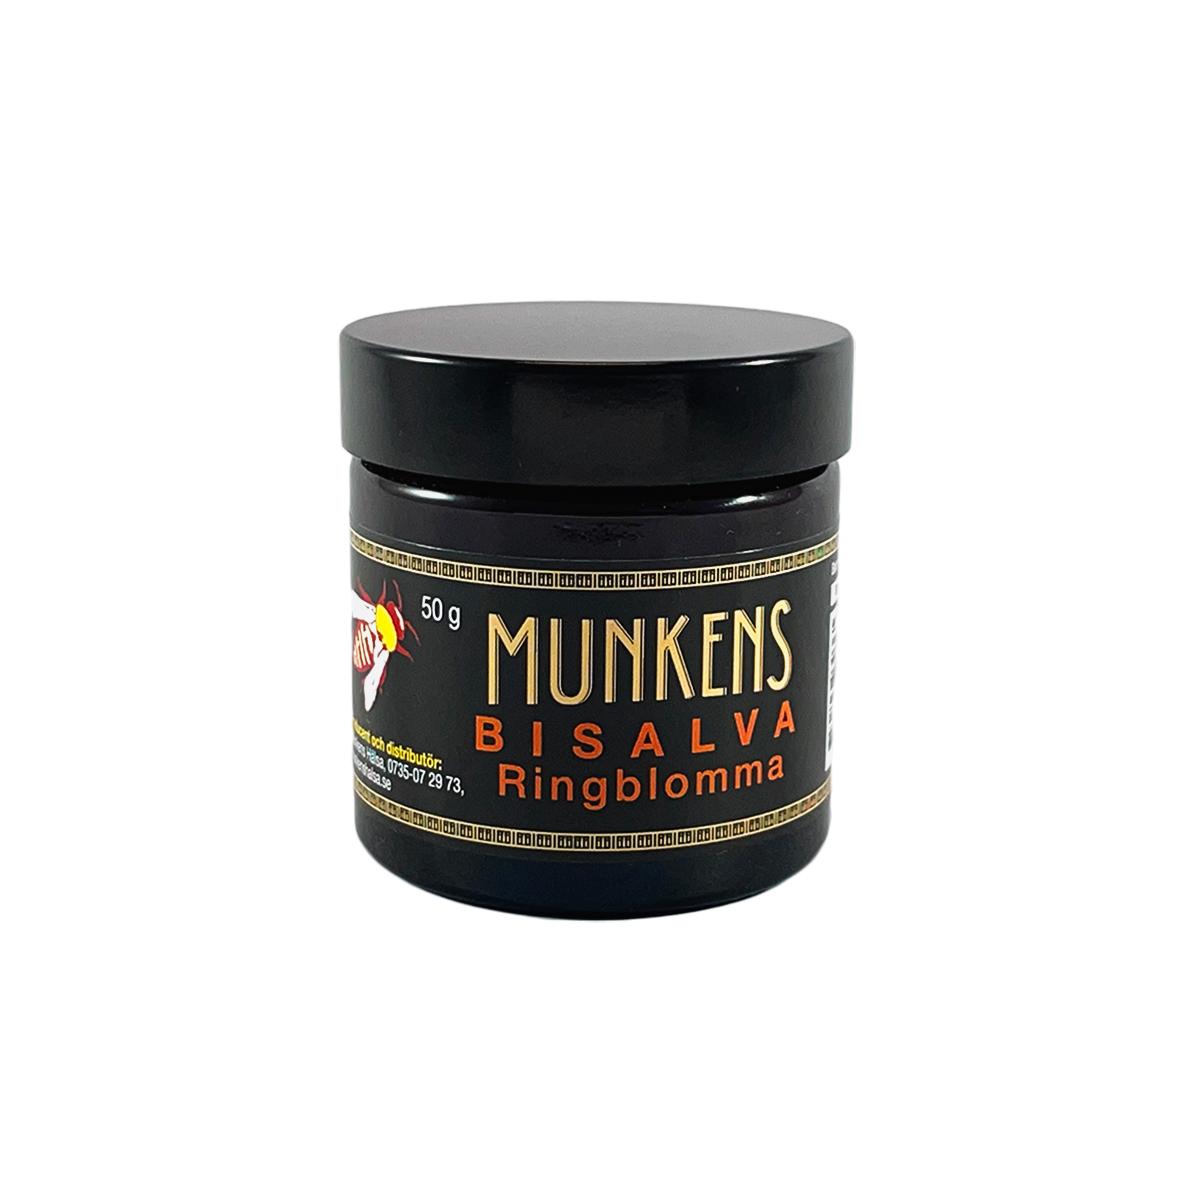 Munkens Bisalva Ringblomma – 50 g